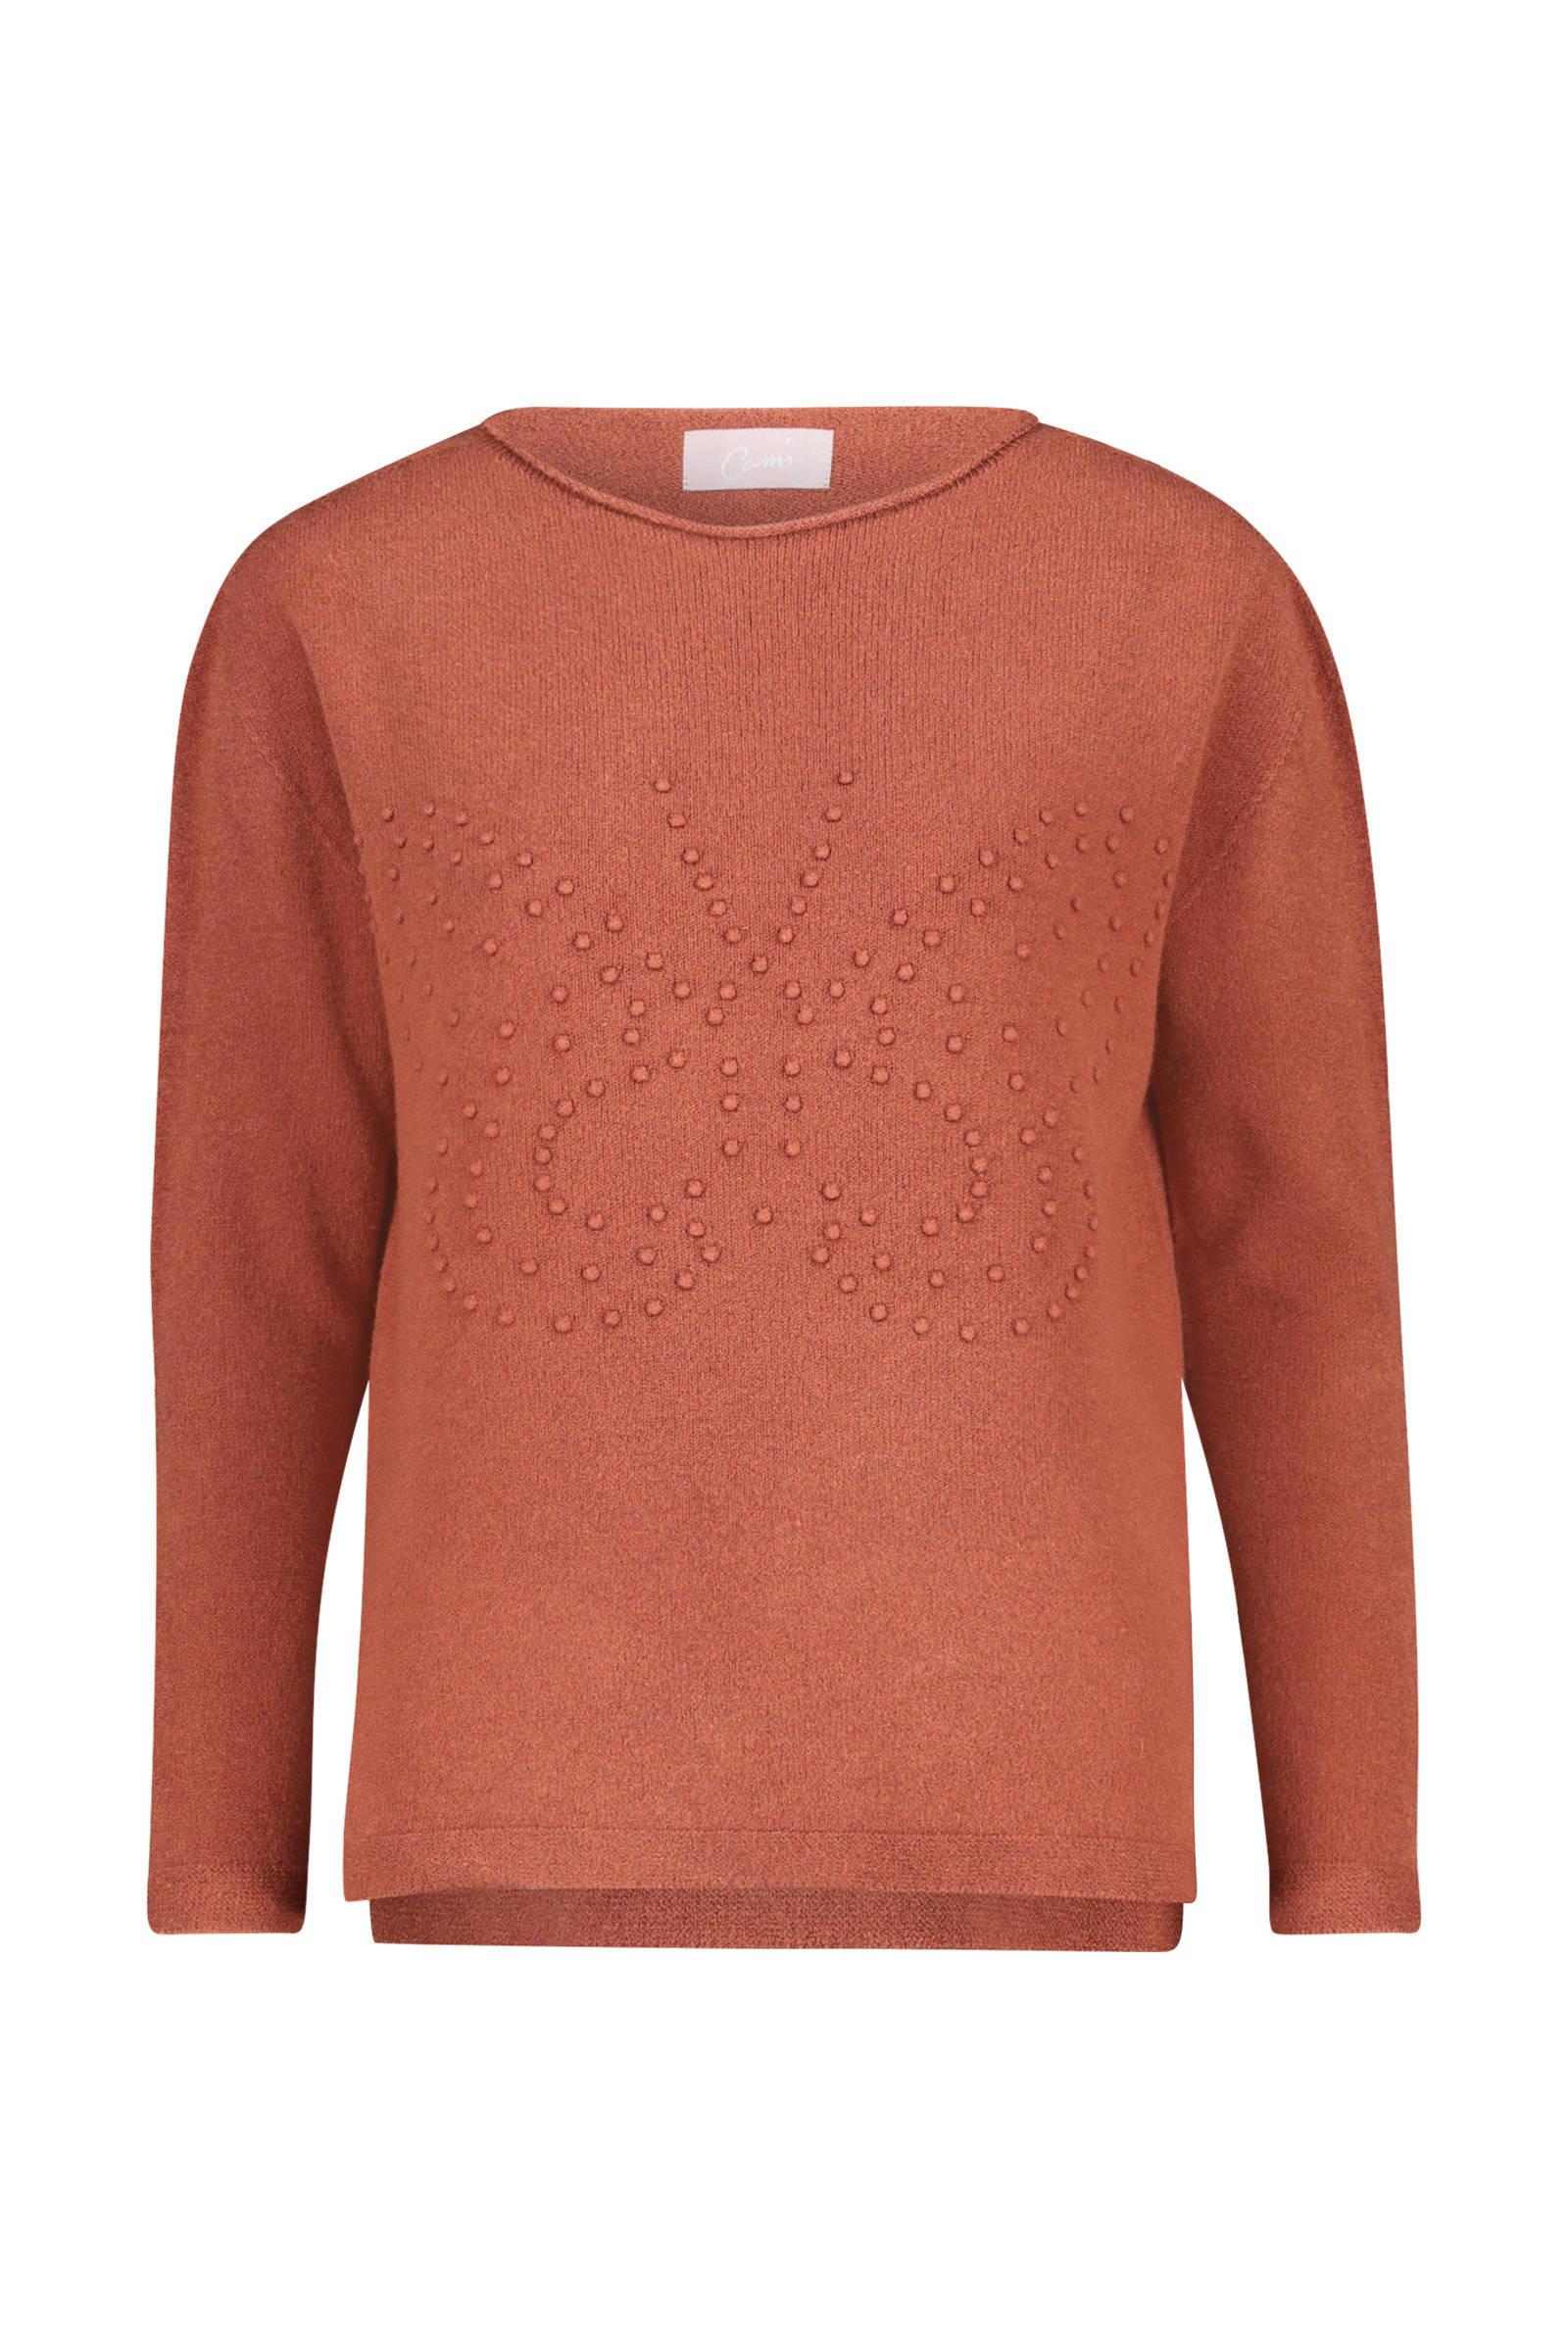 Cassis fijngebreide trui met 3D applicatie donker oranje